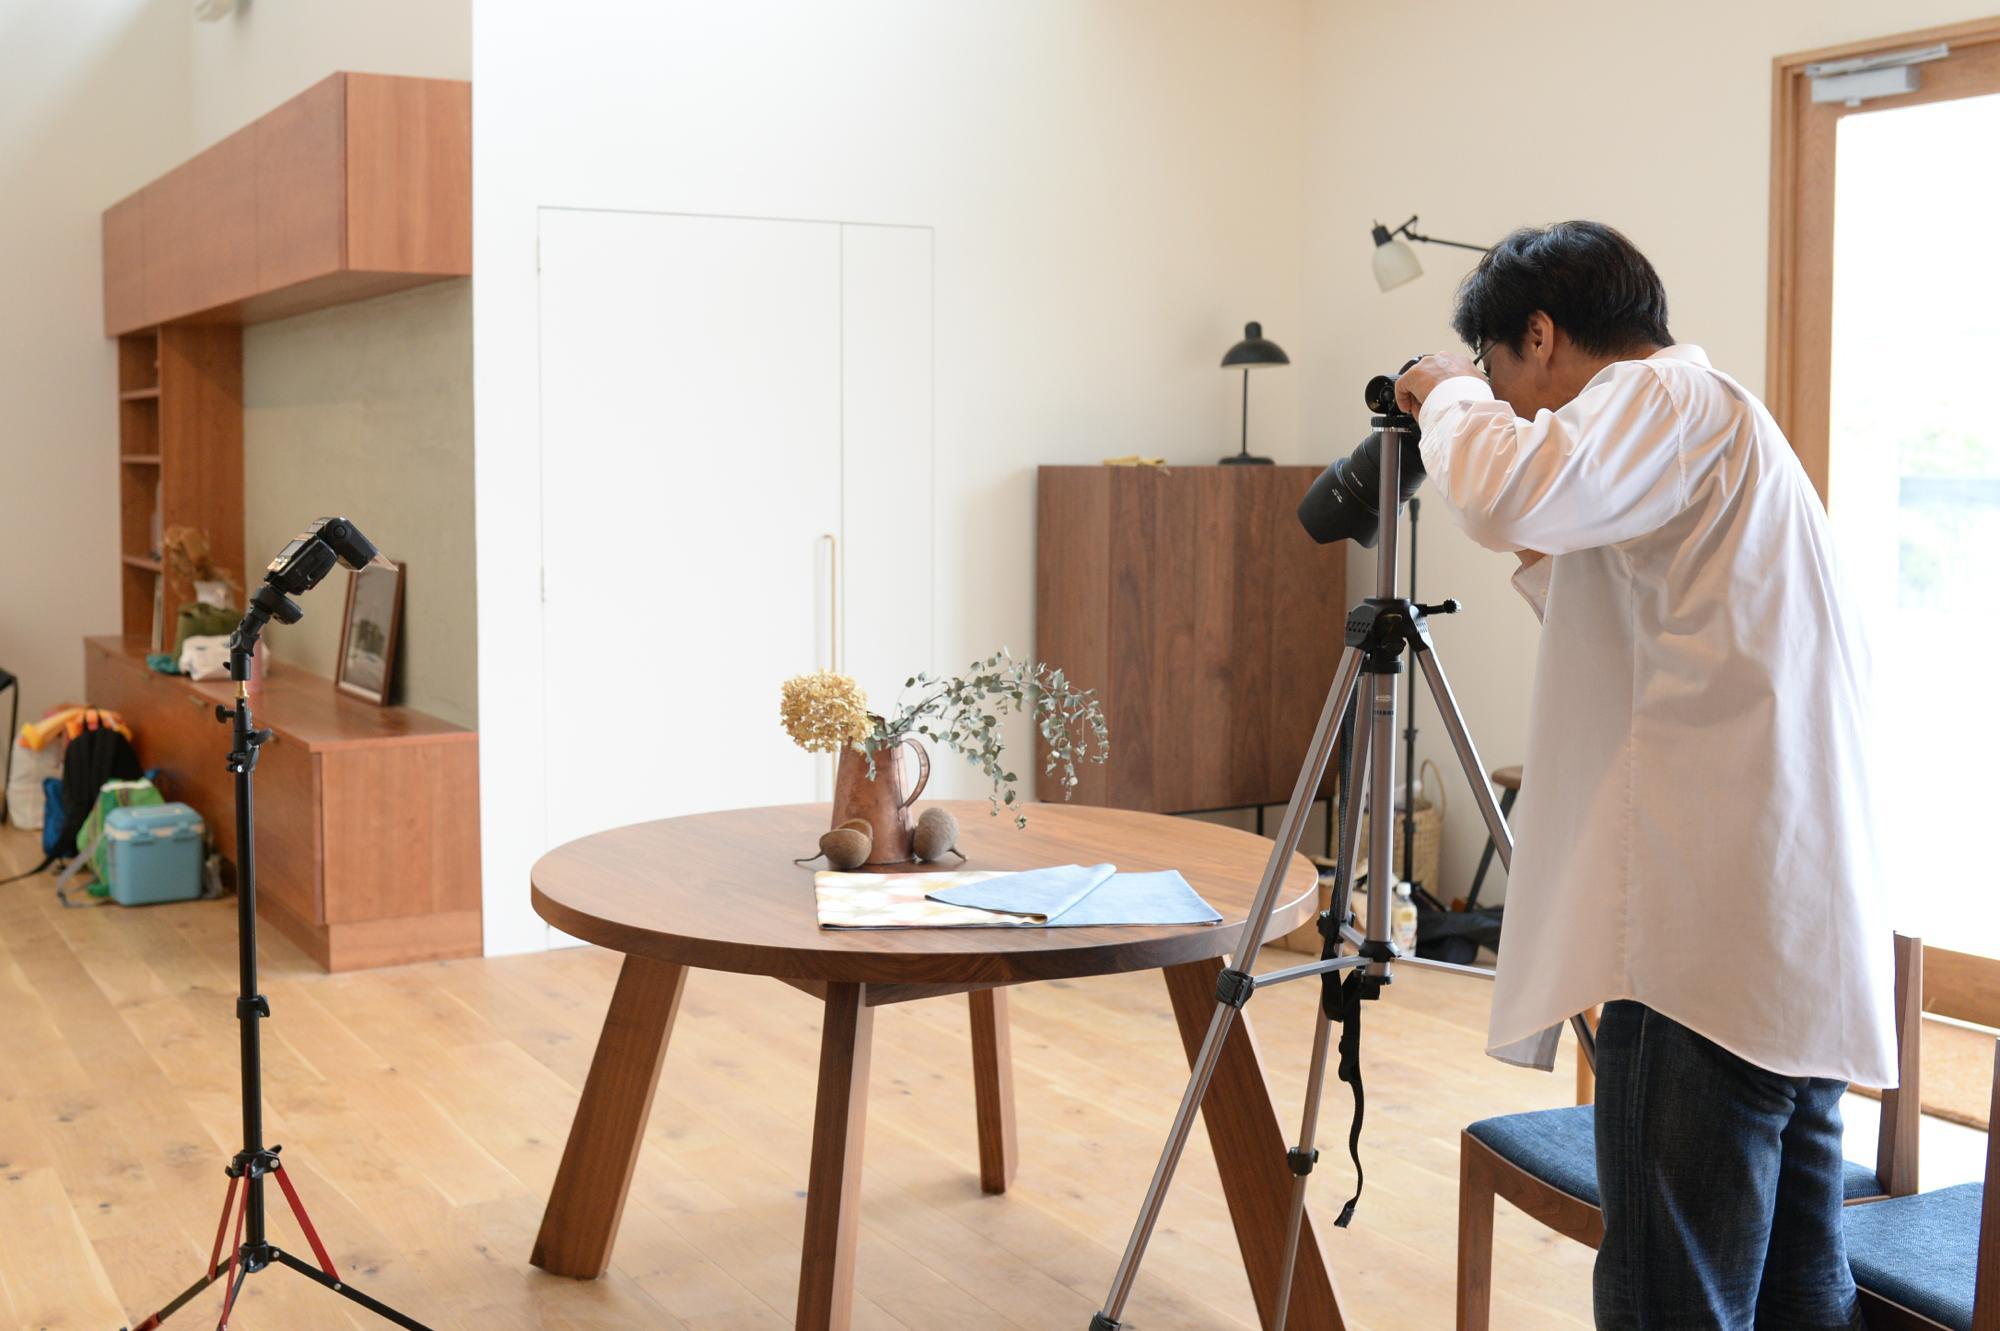 撮影スタジオ スタジオスペース 写真撮影